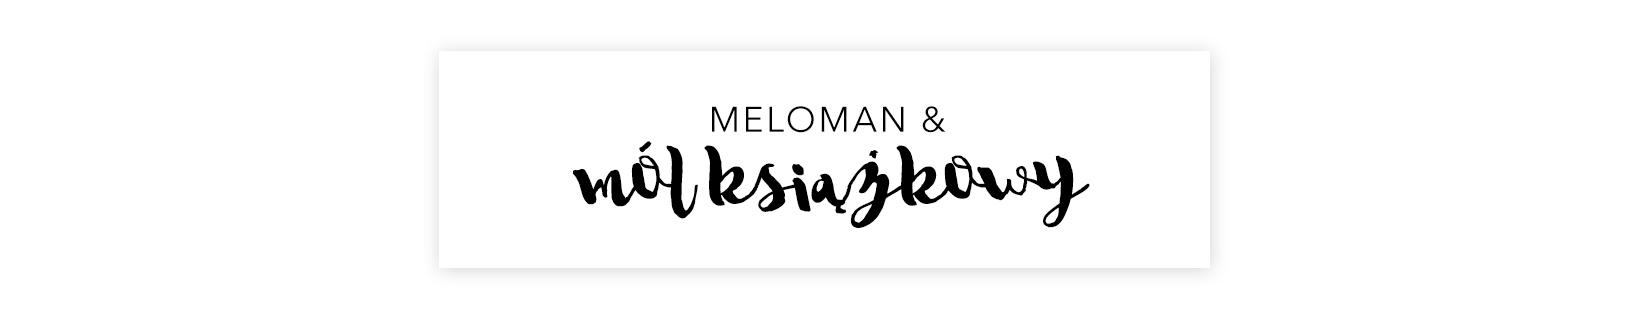 naglowek-meloman